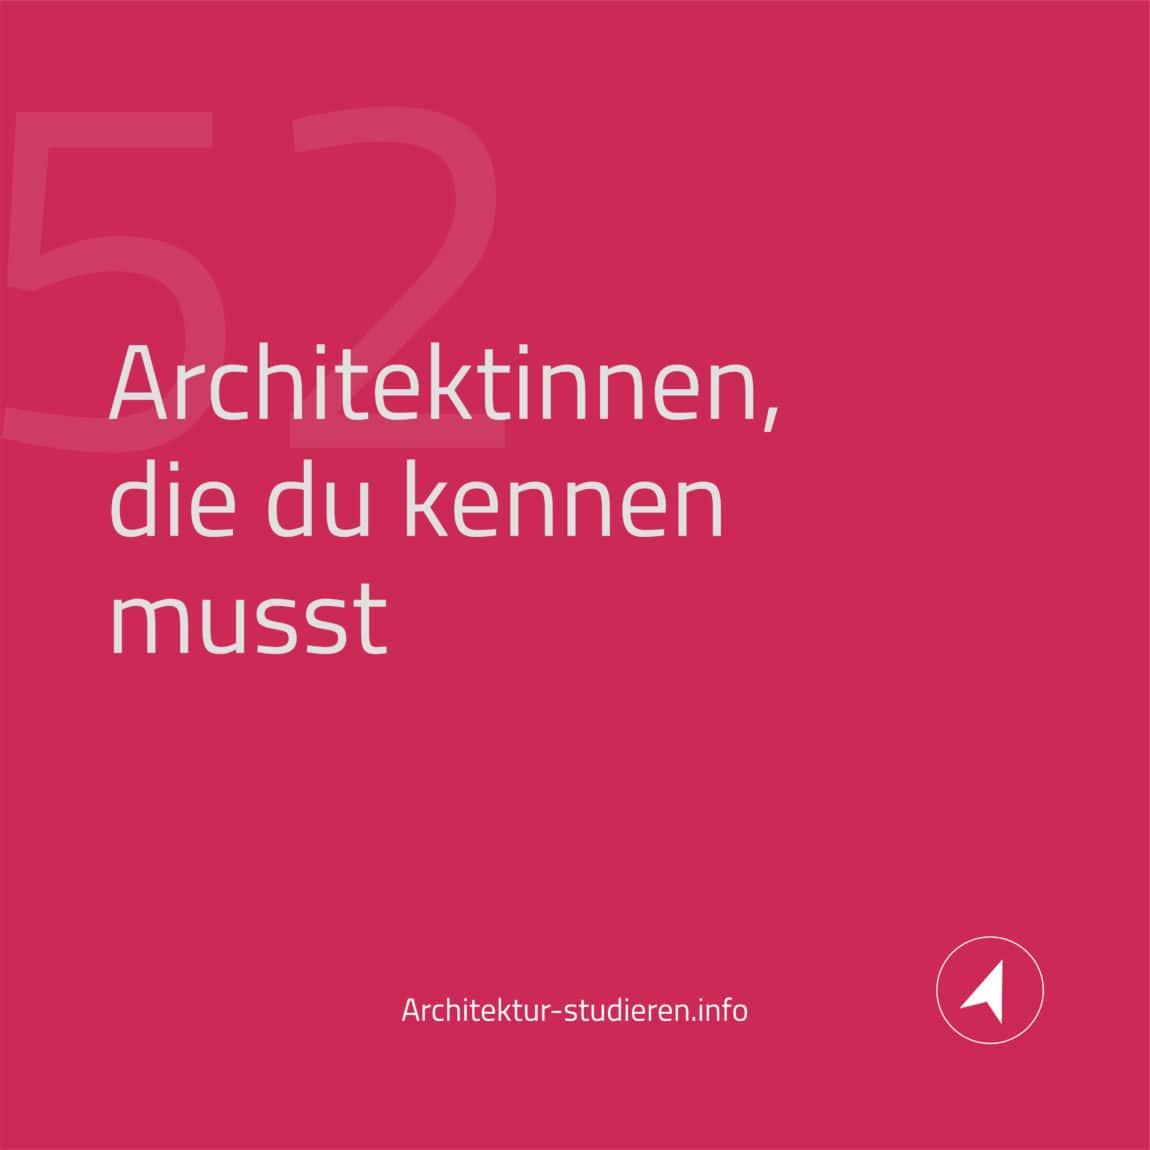 52 Architektinnen, die du kennen solltest | © Anett Ring, Architektur-studieren.info